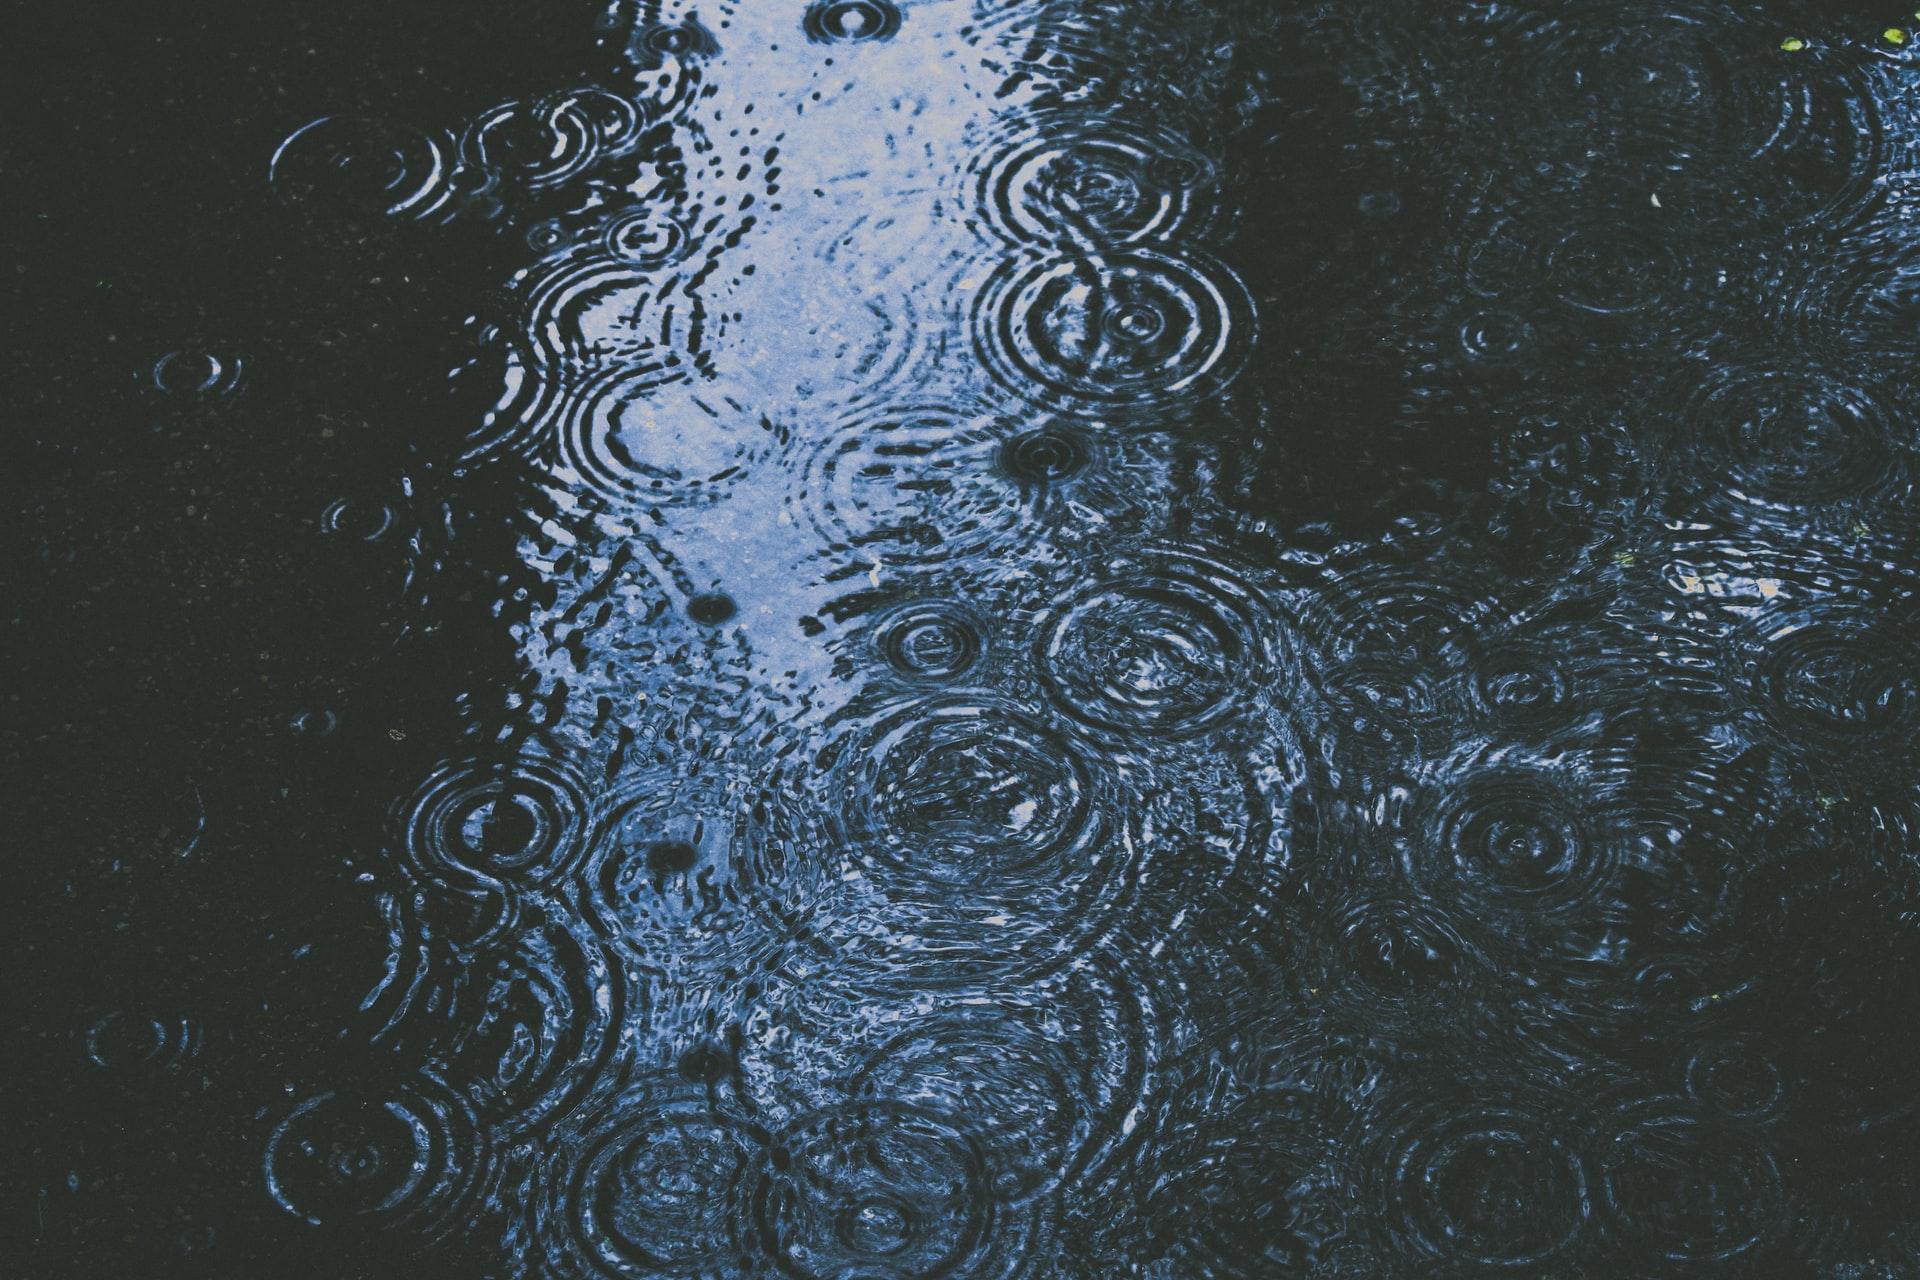 Sehr regnerisches Wetter. Diesen Mittwoch geht der Herbst in Potsdam los